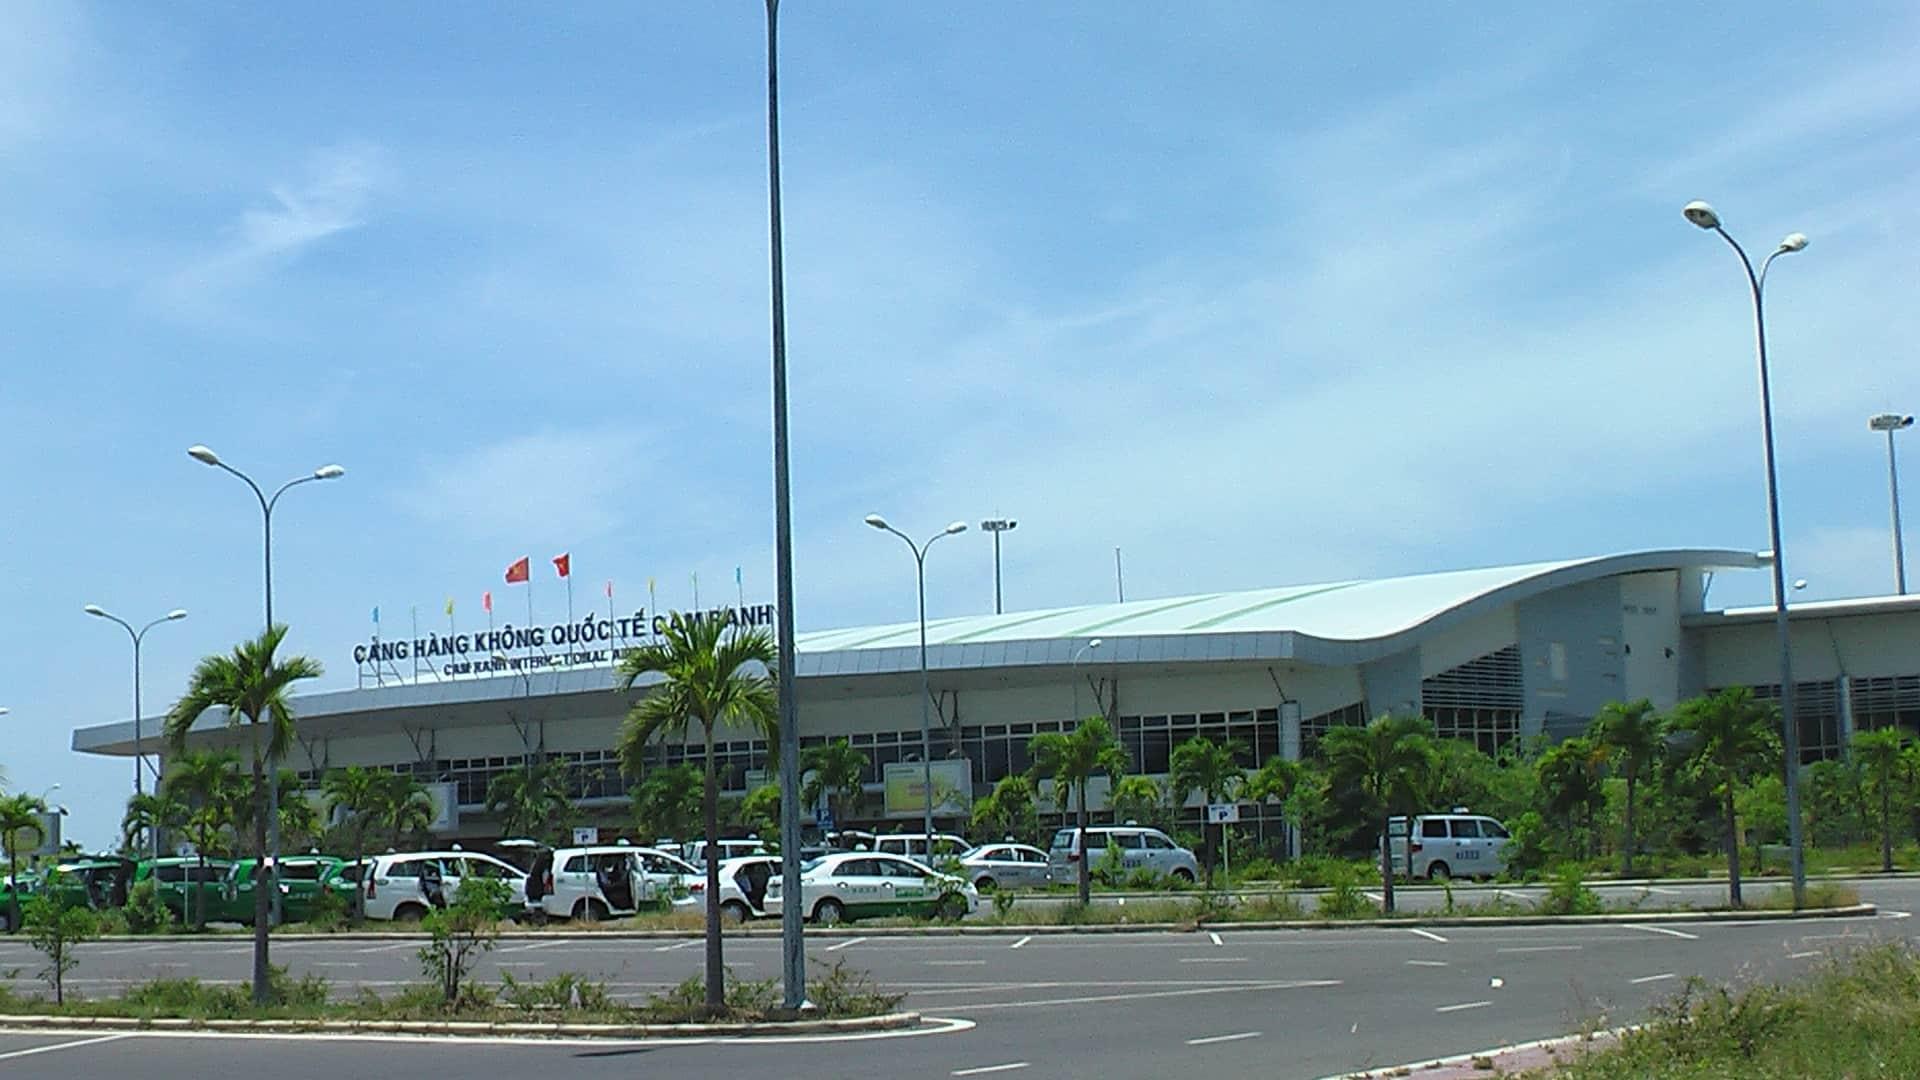 Kết quả hình ảnh cho sân bay Cam Ranh Nha Trang